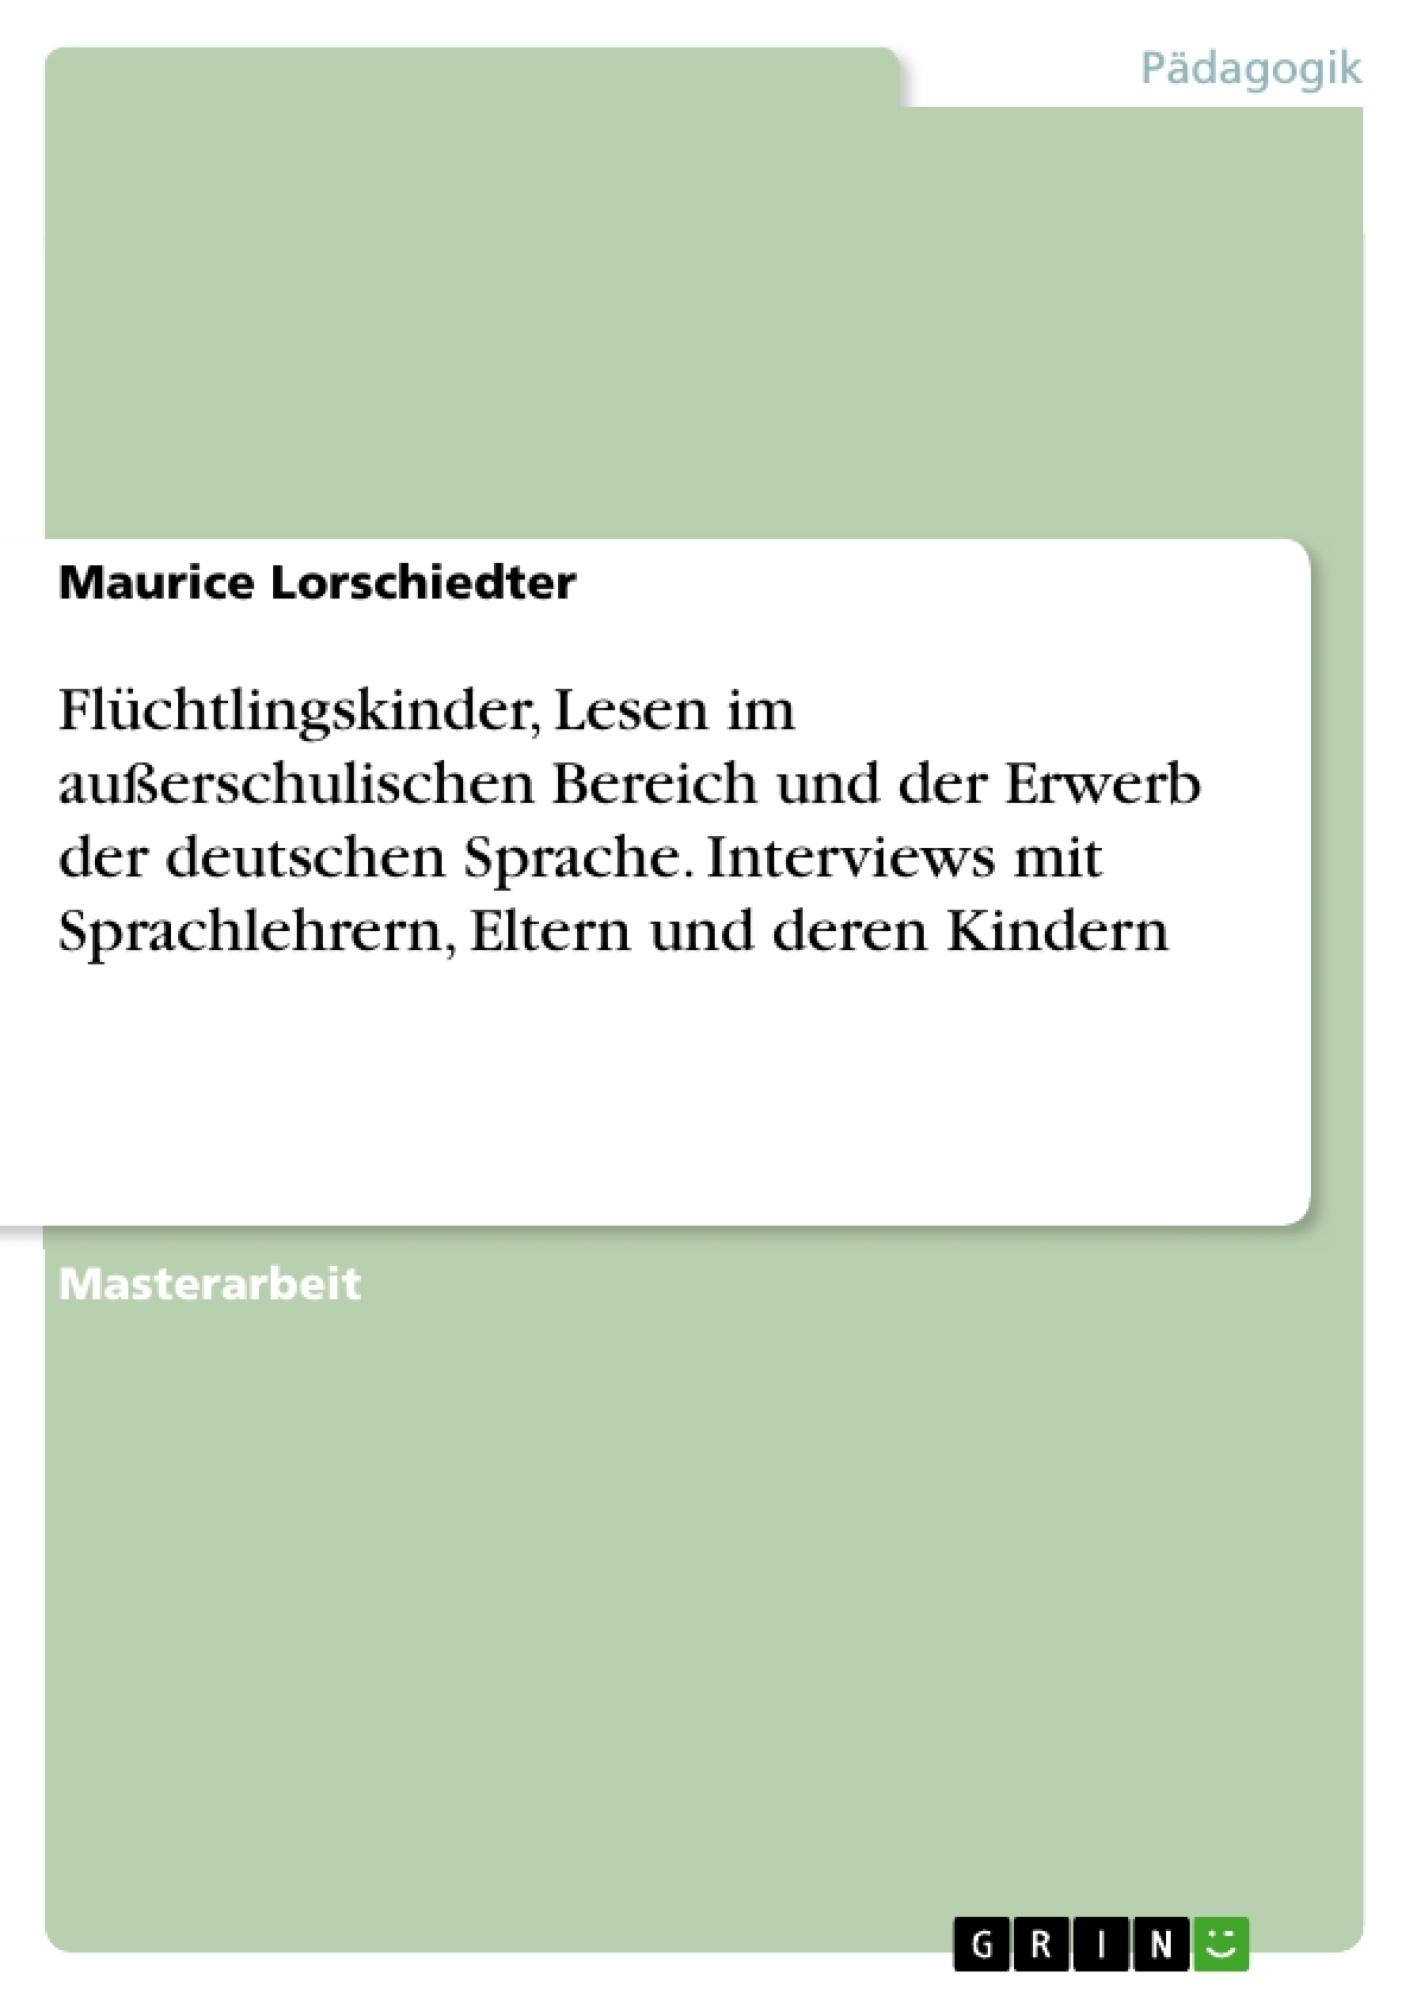 Titel: Flüchtlingskinder, Lesen im außerschulischen Bereich und der Erwerb der deutschen Sprache. Interviews mit Sprachlehrern, Eltern und deren Kindern